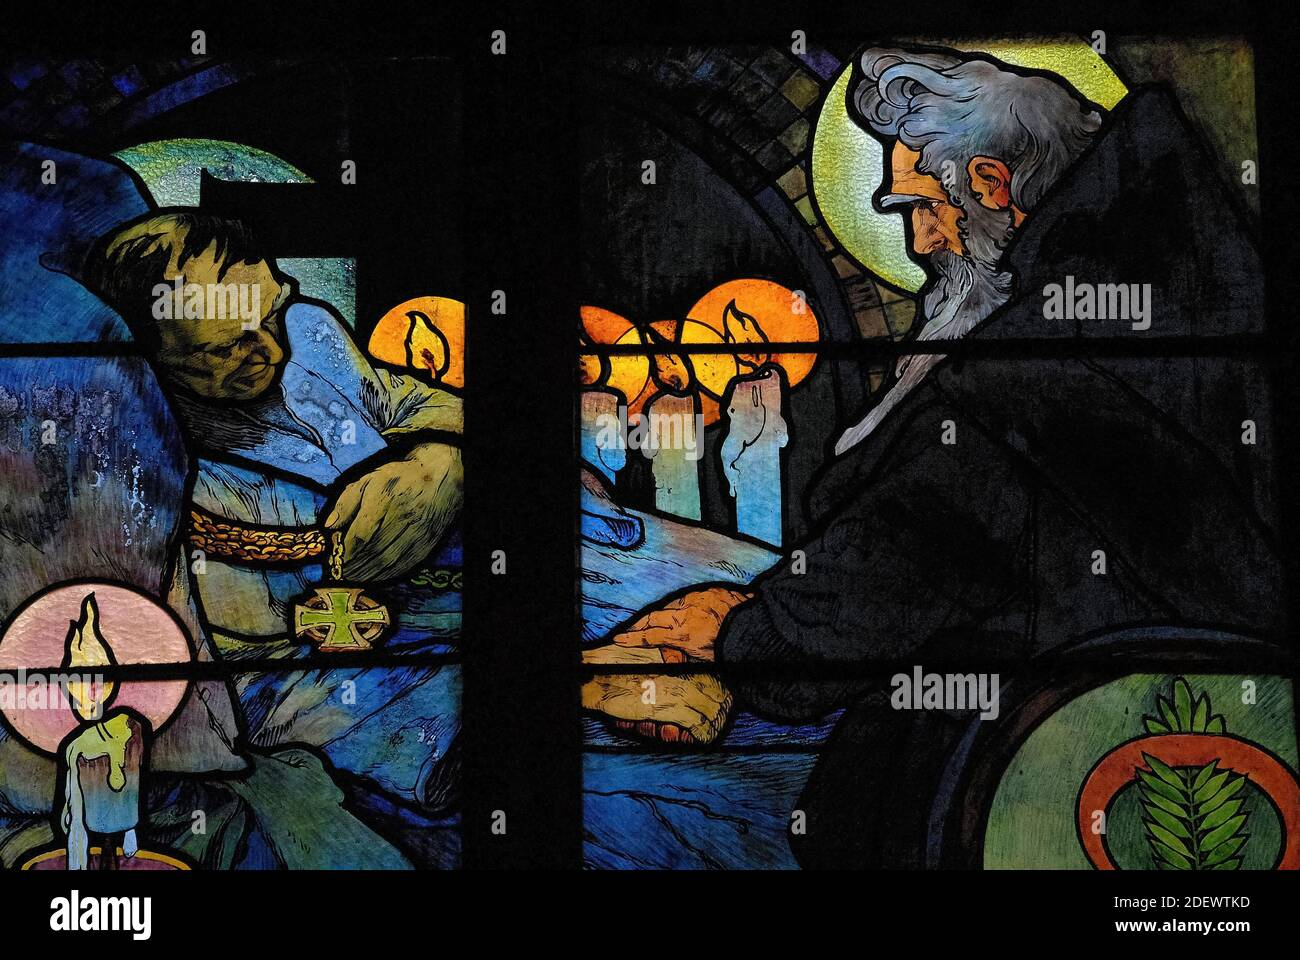 Vigilia a la luz de las velas por el lecho de muerte del teólogo bizantino y misionero San Cirilo, representado por el influyente artista Art Nouveau Alphonse Mucha en su vívida vidriera de 1930 para la Capilla del Nuevo Arzobispo en la Catedral de San Vito en Praga, capital de la República Checa / República Checa. La obra de arte, una alegoría de Cristo que bendice a las naciones eslavas, presenta escenas de la vida de los 'Apóstoles a los eslavos' Cirilo y su hermano Metodio, así como el patrón checo san Wenceslao, duque de Bohemia, y su abuela, San Ludmila. Foto de stock